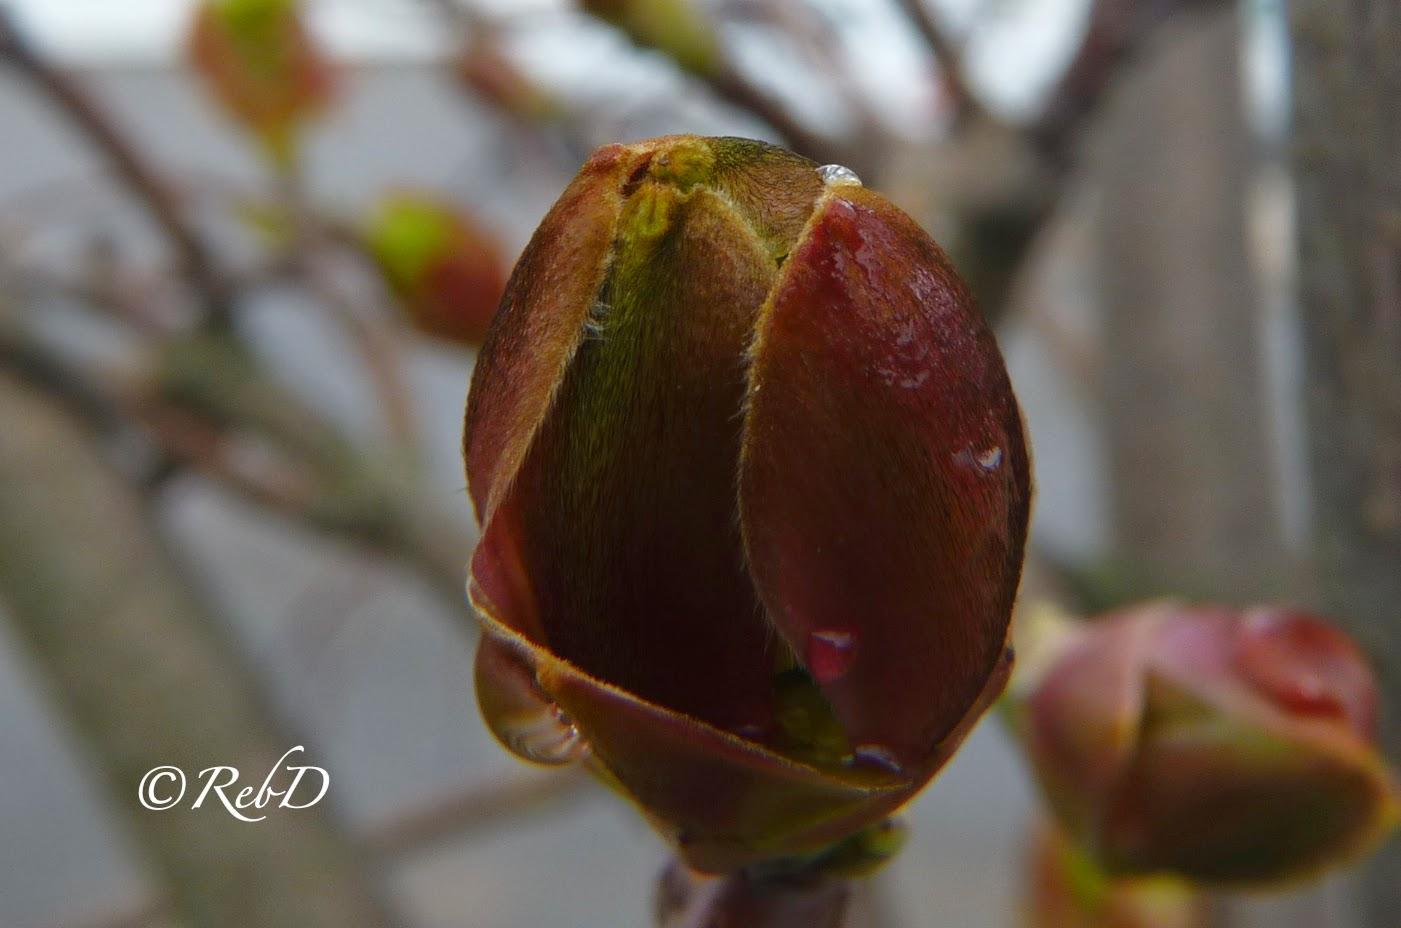 blomknopp i träd, med vattendroppar. foto: Reb Dutius